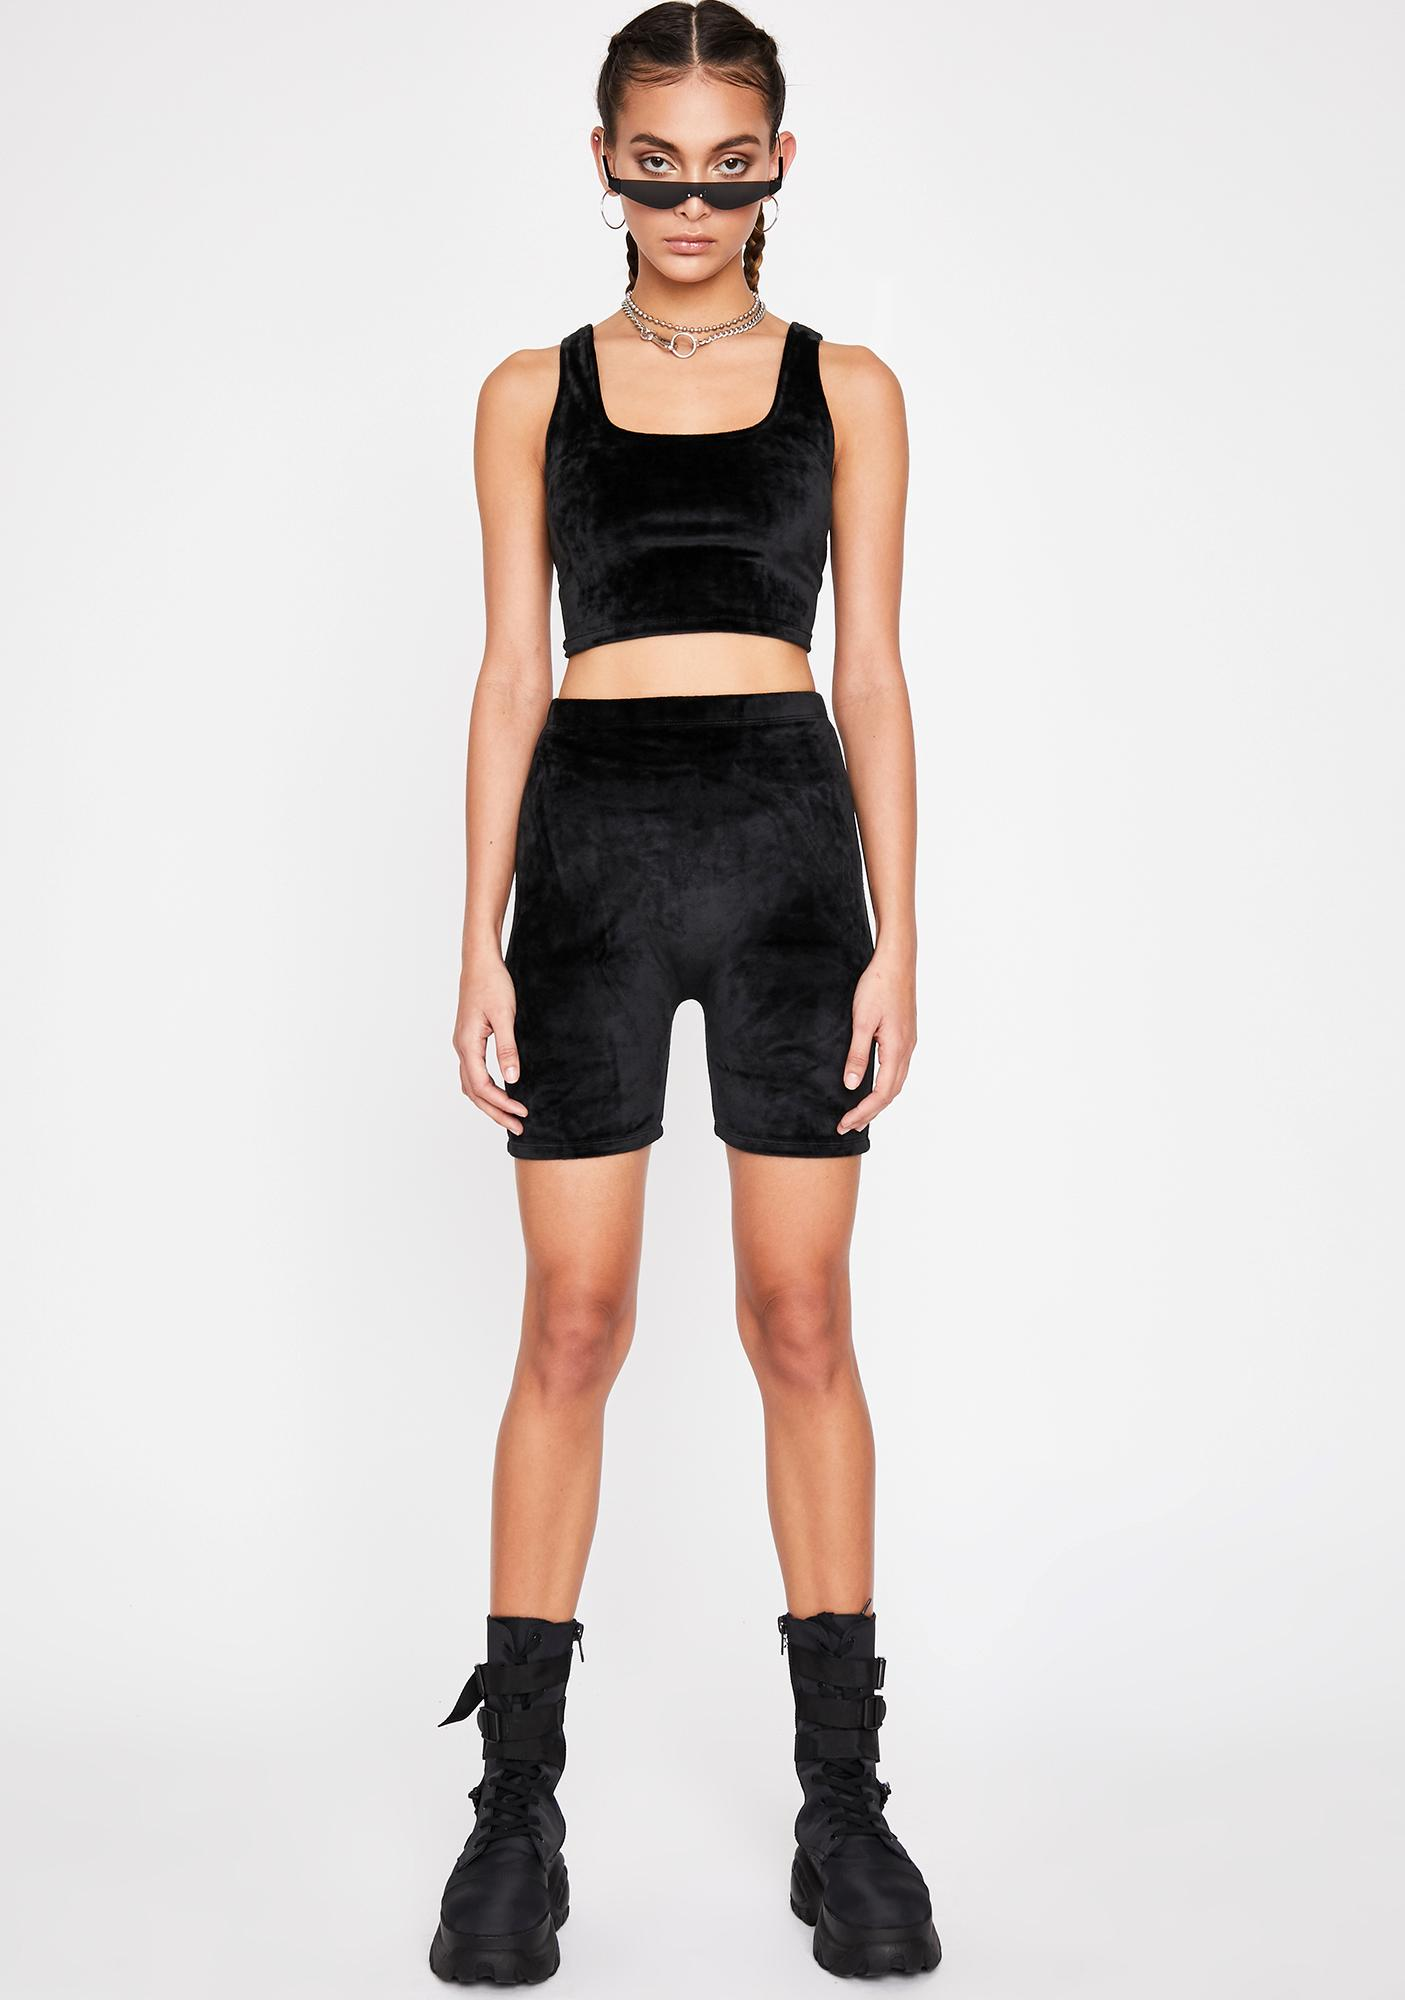 Luna Yas Qween Biker Shorts